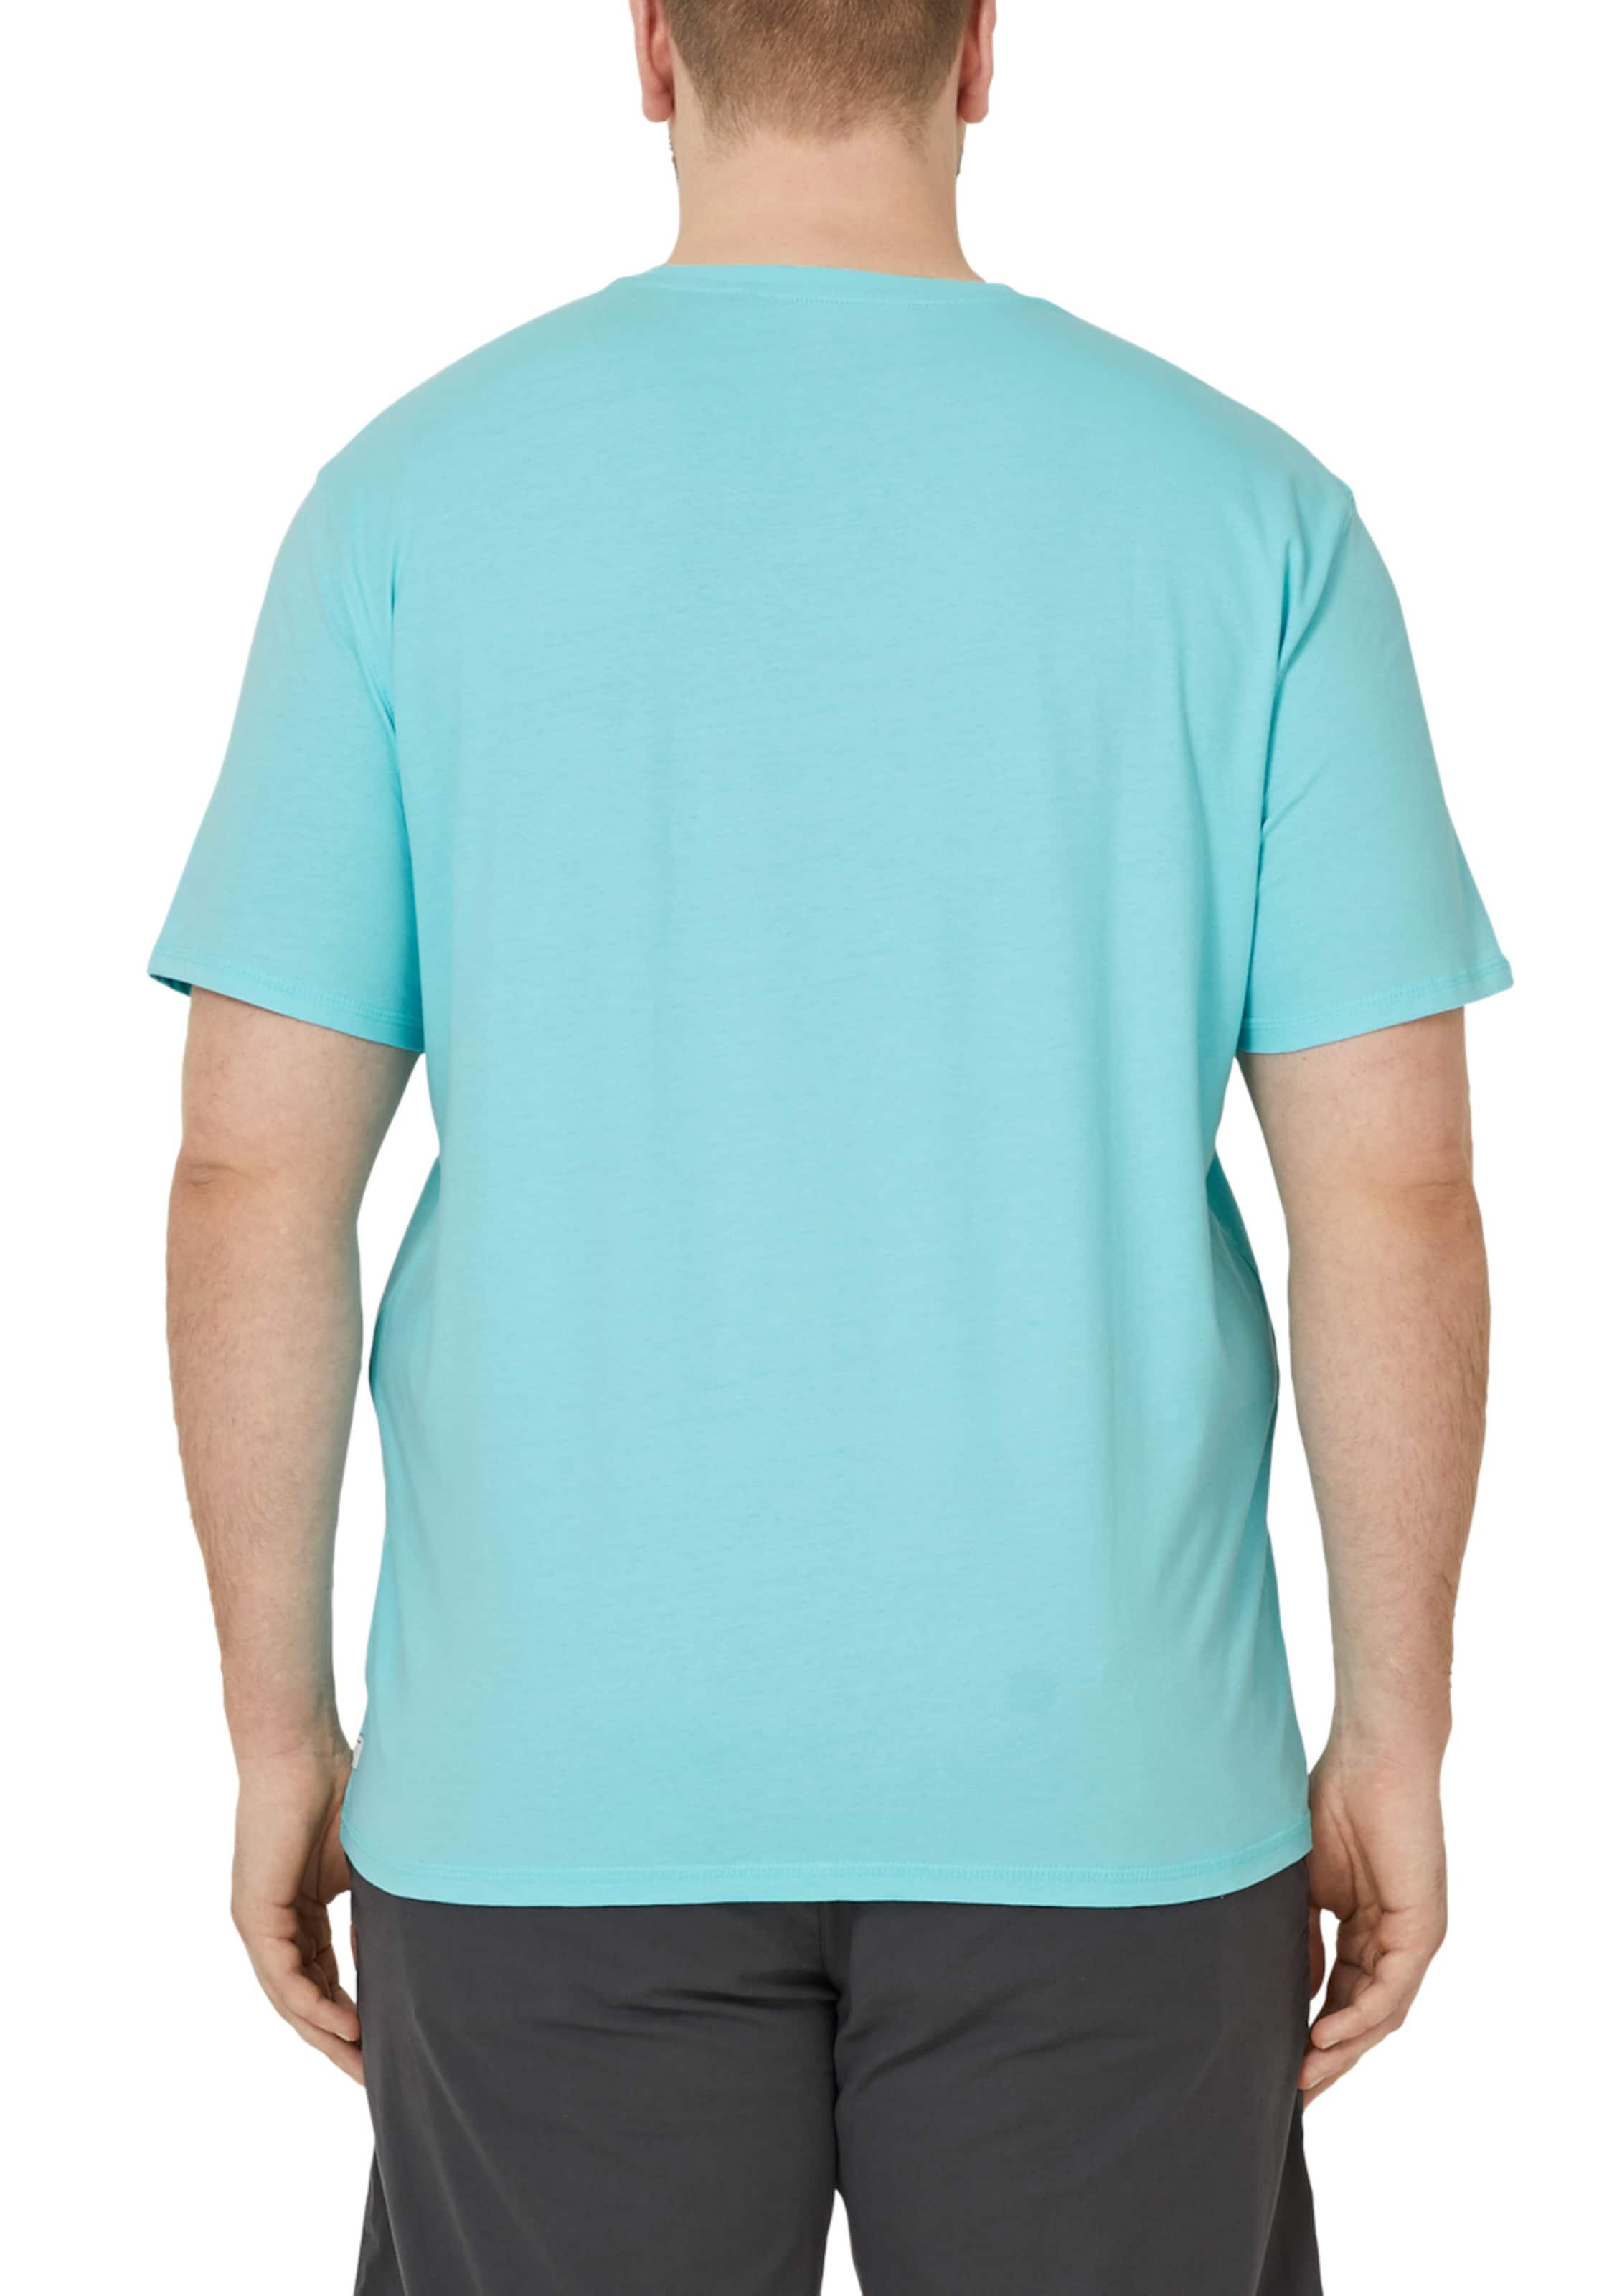 oliver Red S Basicshirt Label Türkis In Y76vbgyIf